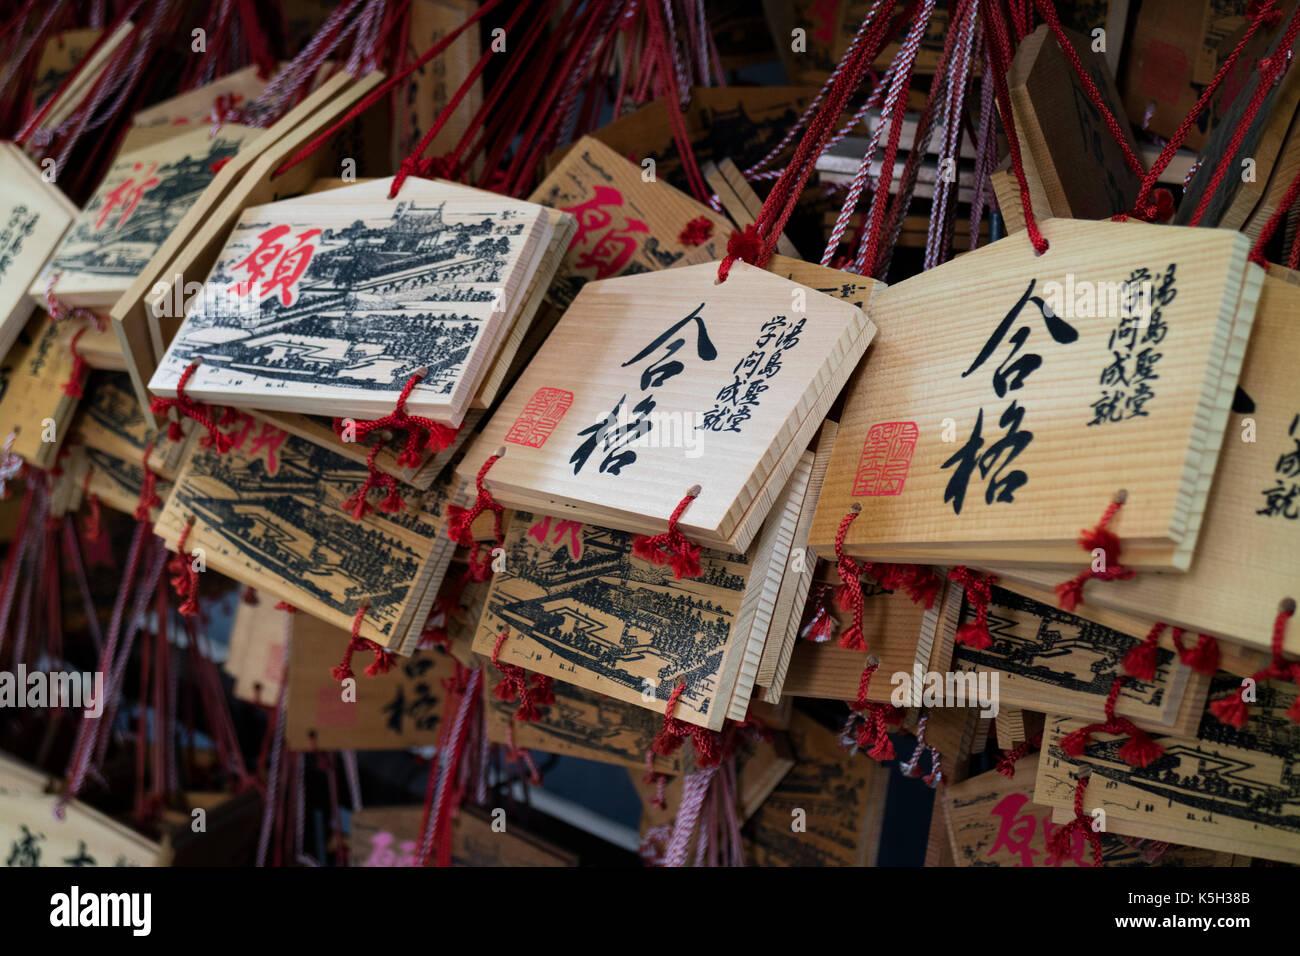 Tokyo, Japan - 14. Mai 2017: Ema, kleinen hölzernen Tafeln mit Wünsche und Gebete auf sie geschrieben Stockfoto